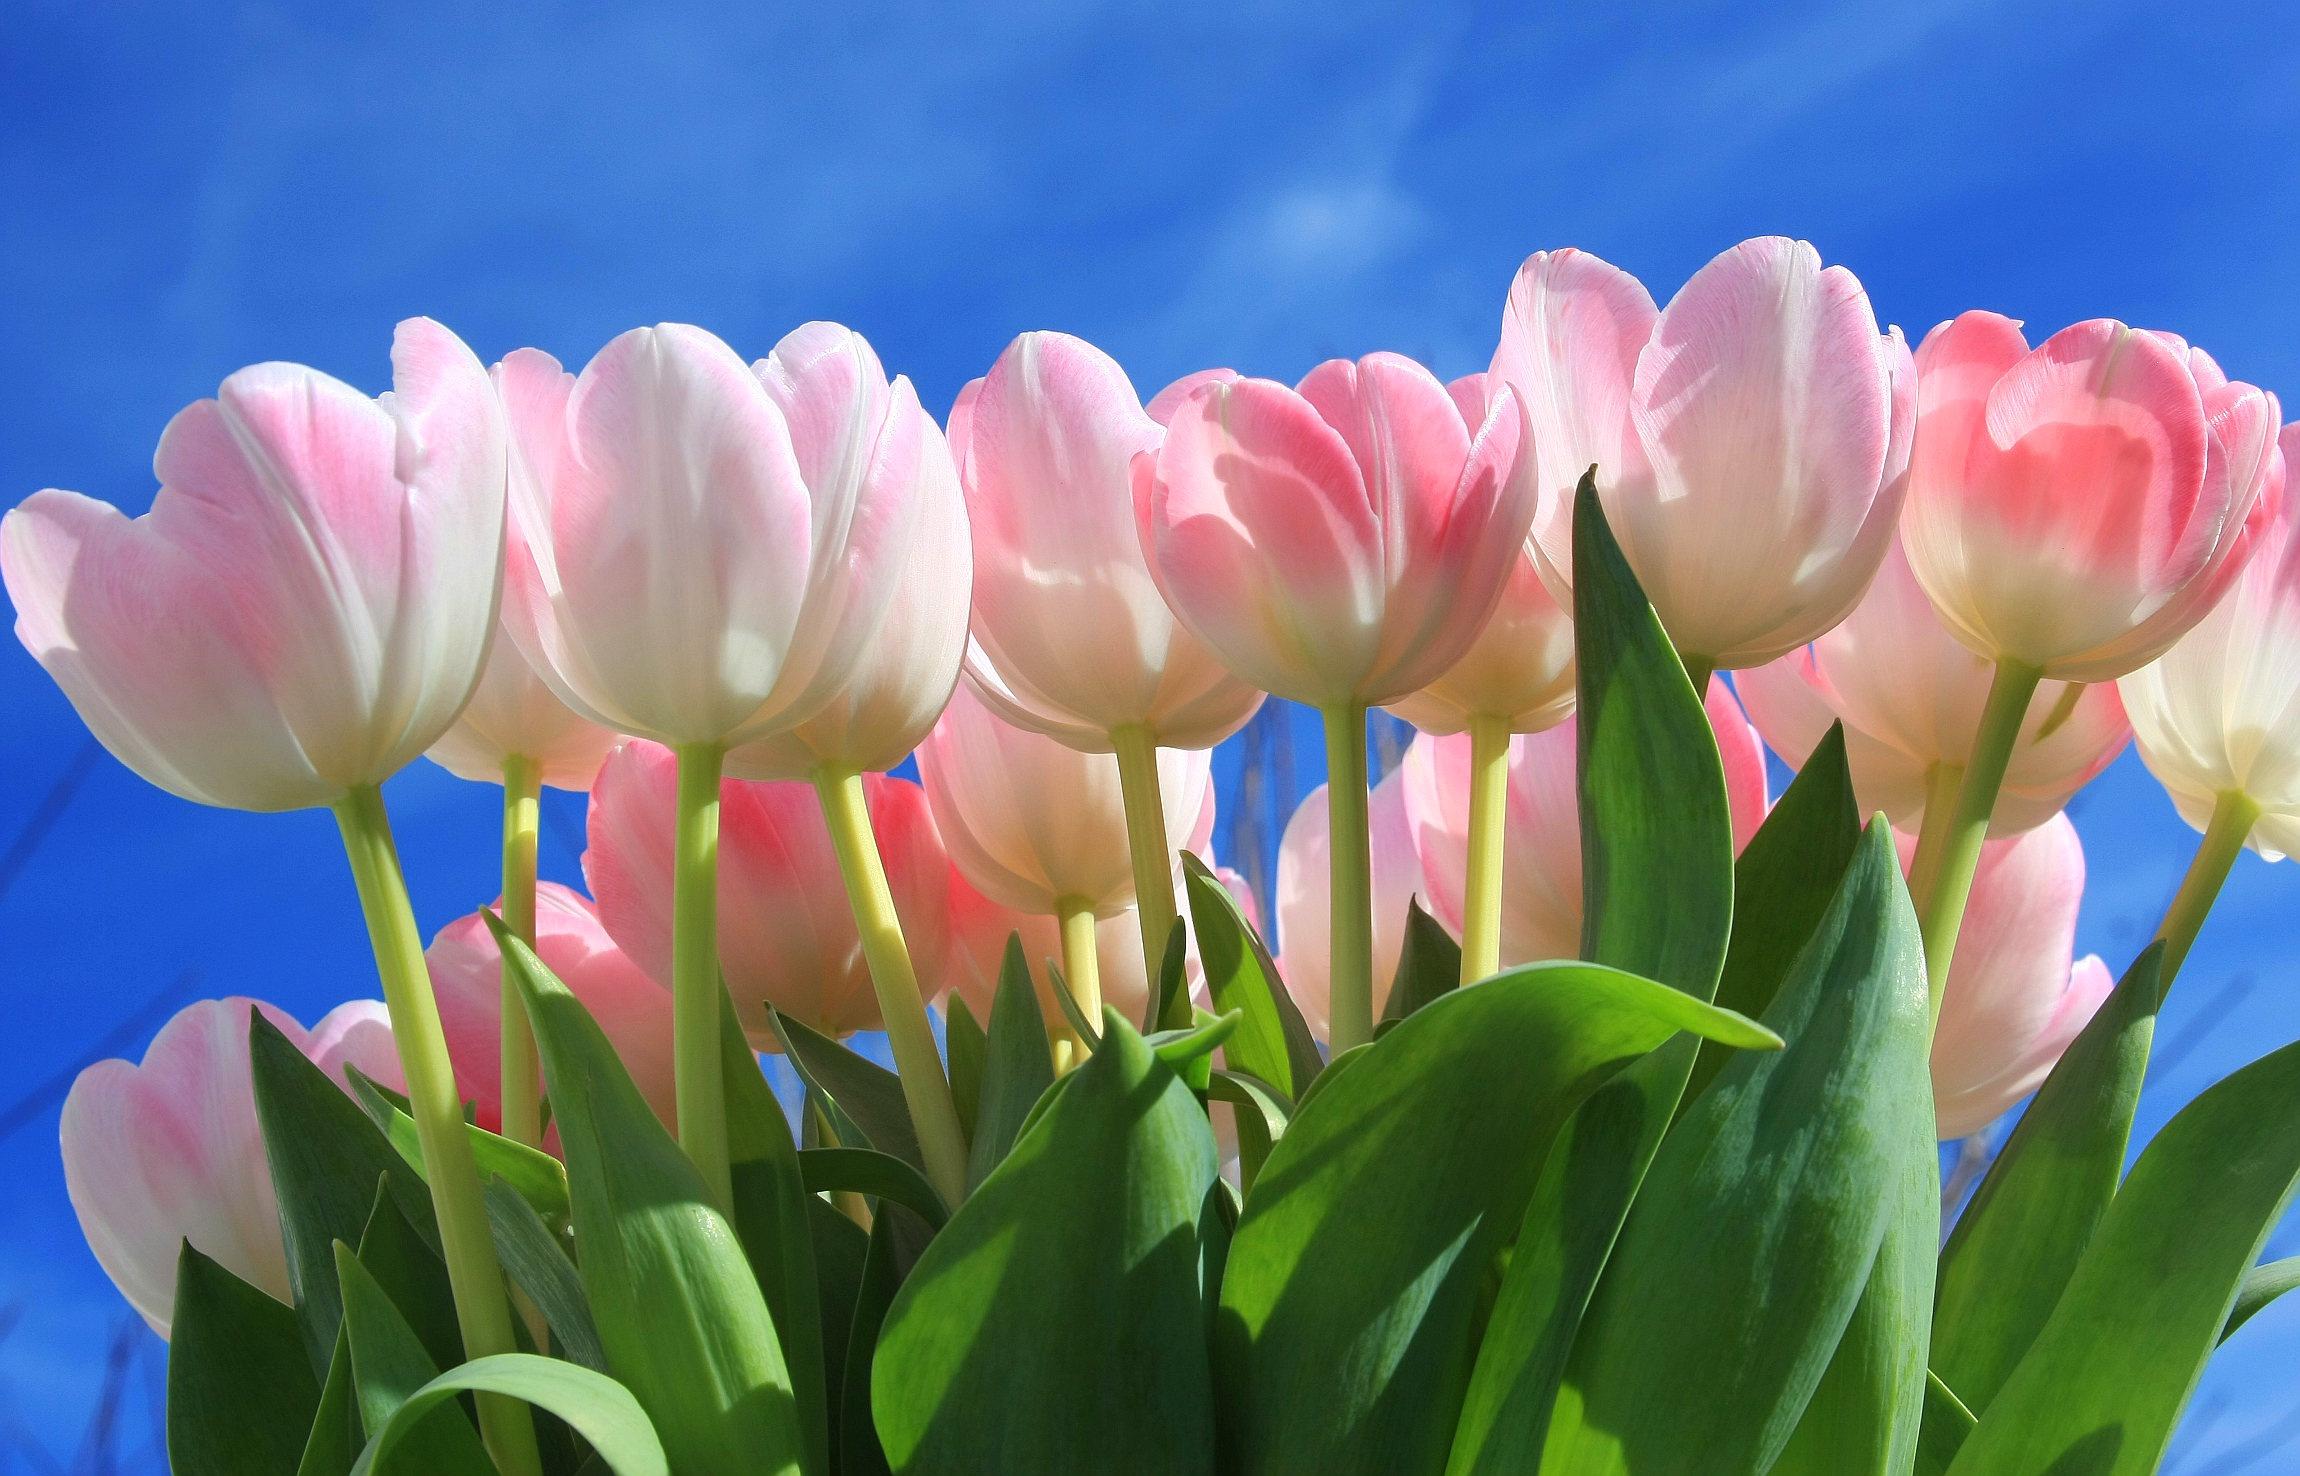 бродом грязью, нежные и красивые фото тюльпанов воображение перепуганных пассажиров